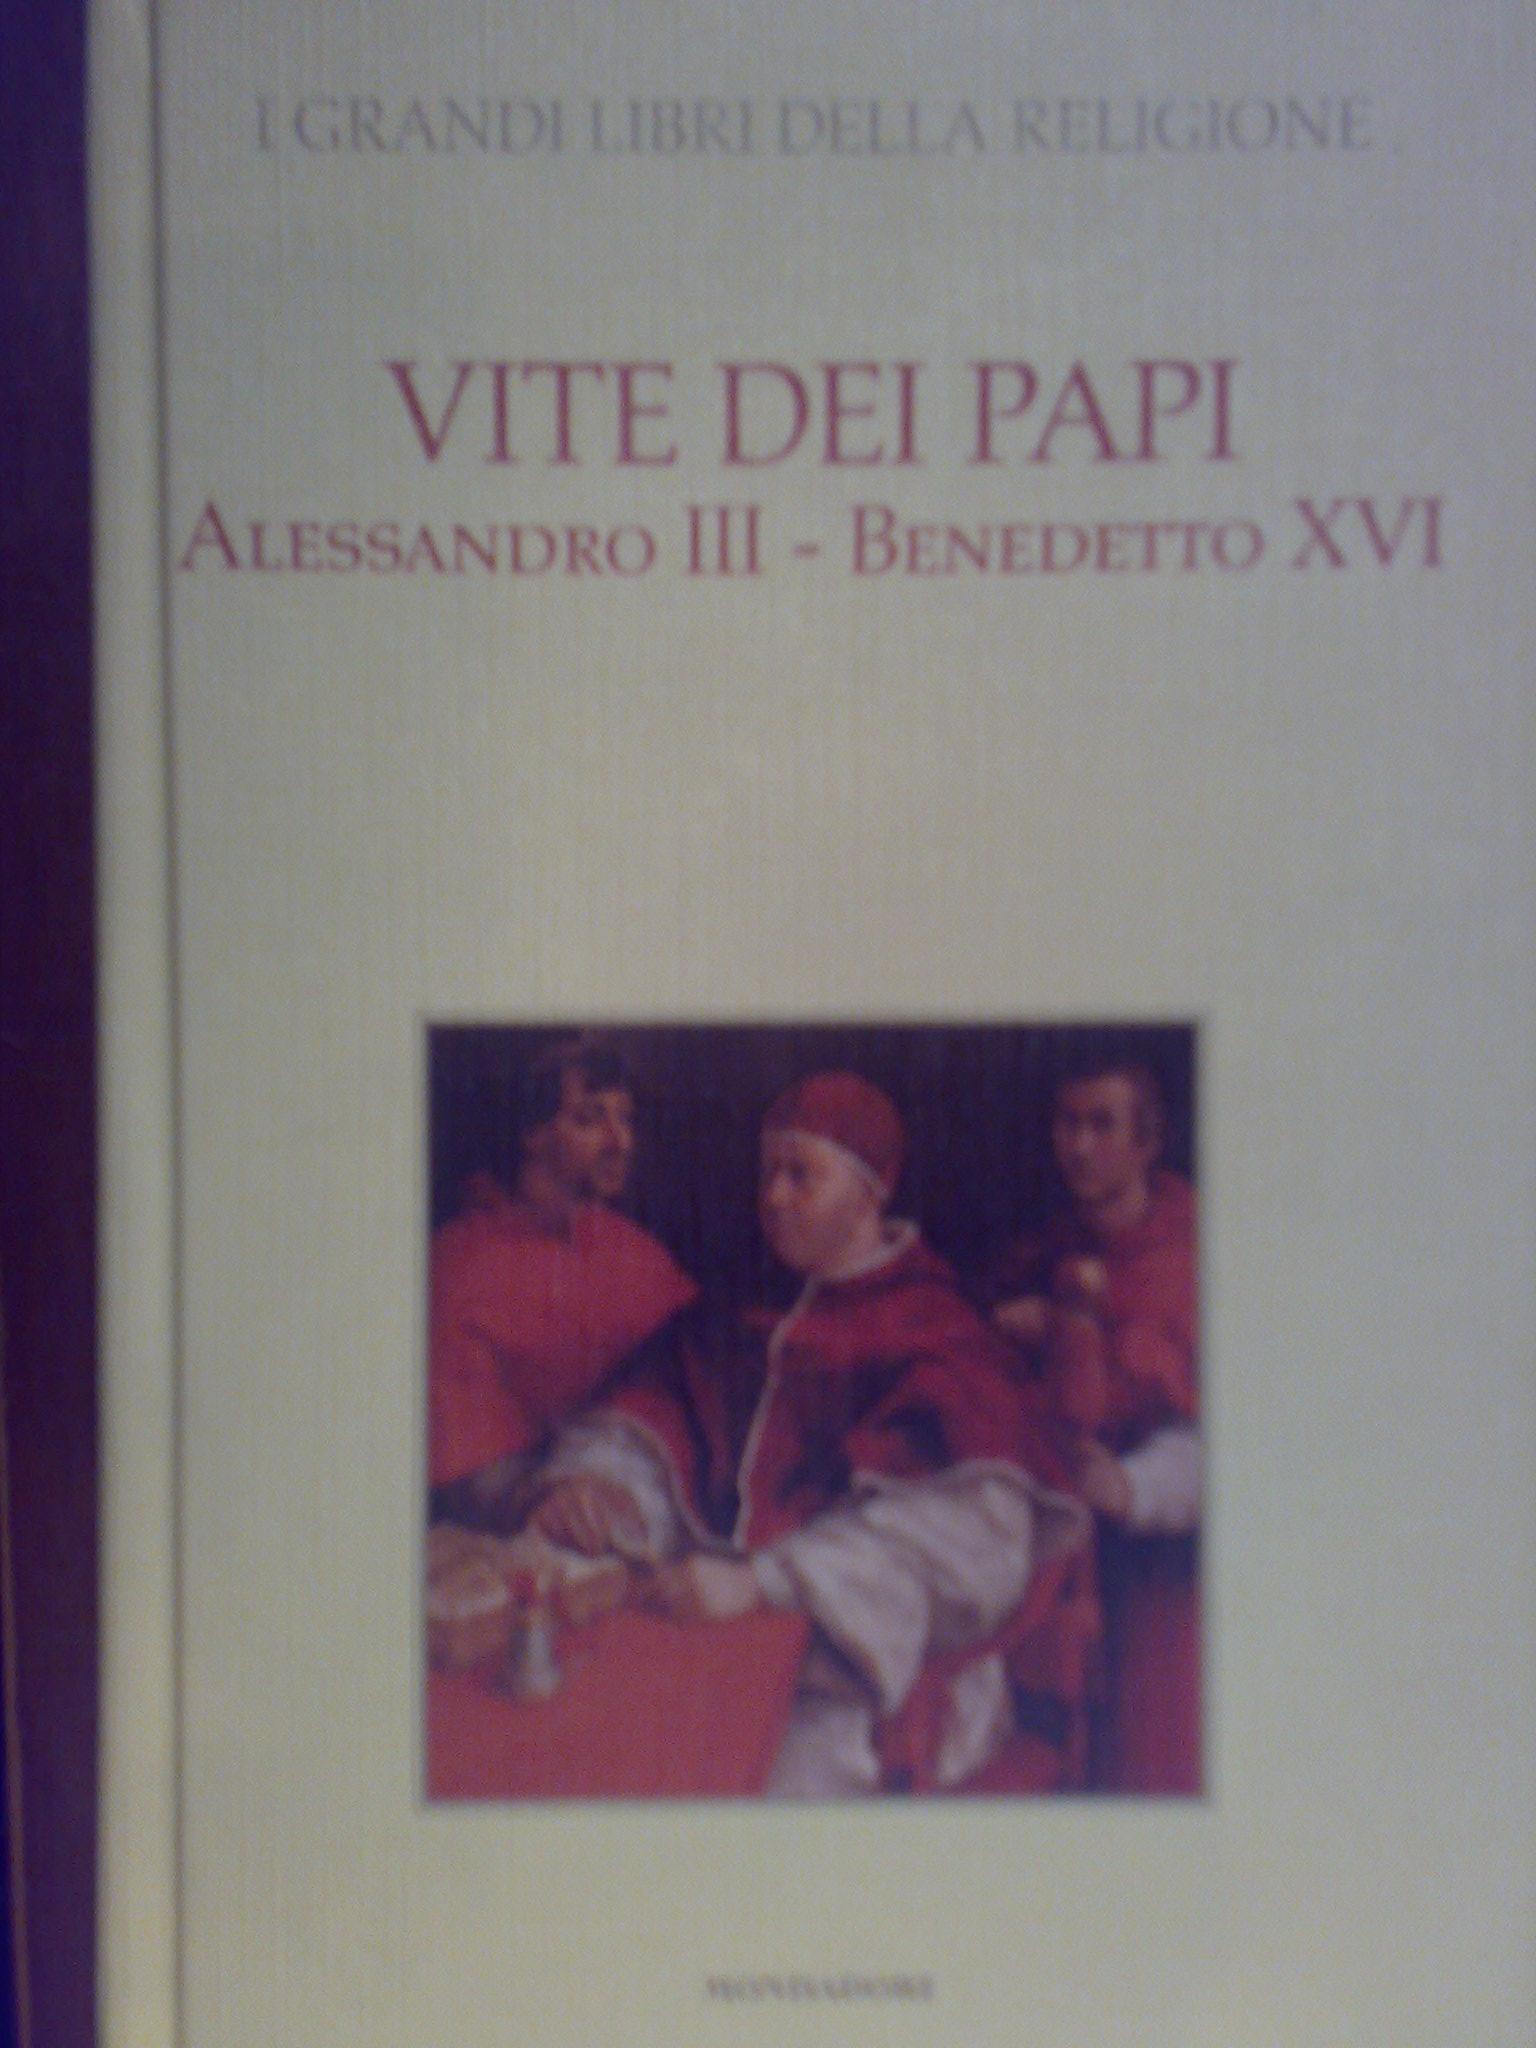 Vite dei Papi: Alessandro III - Benedetto XVI